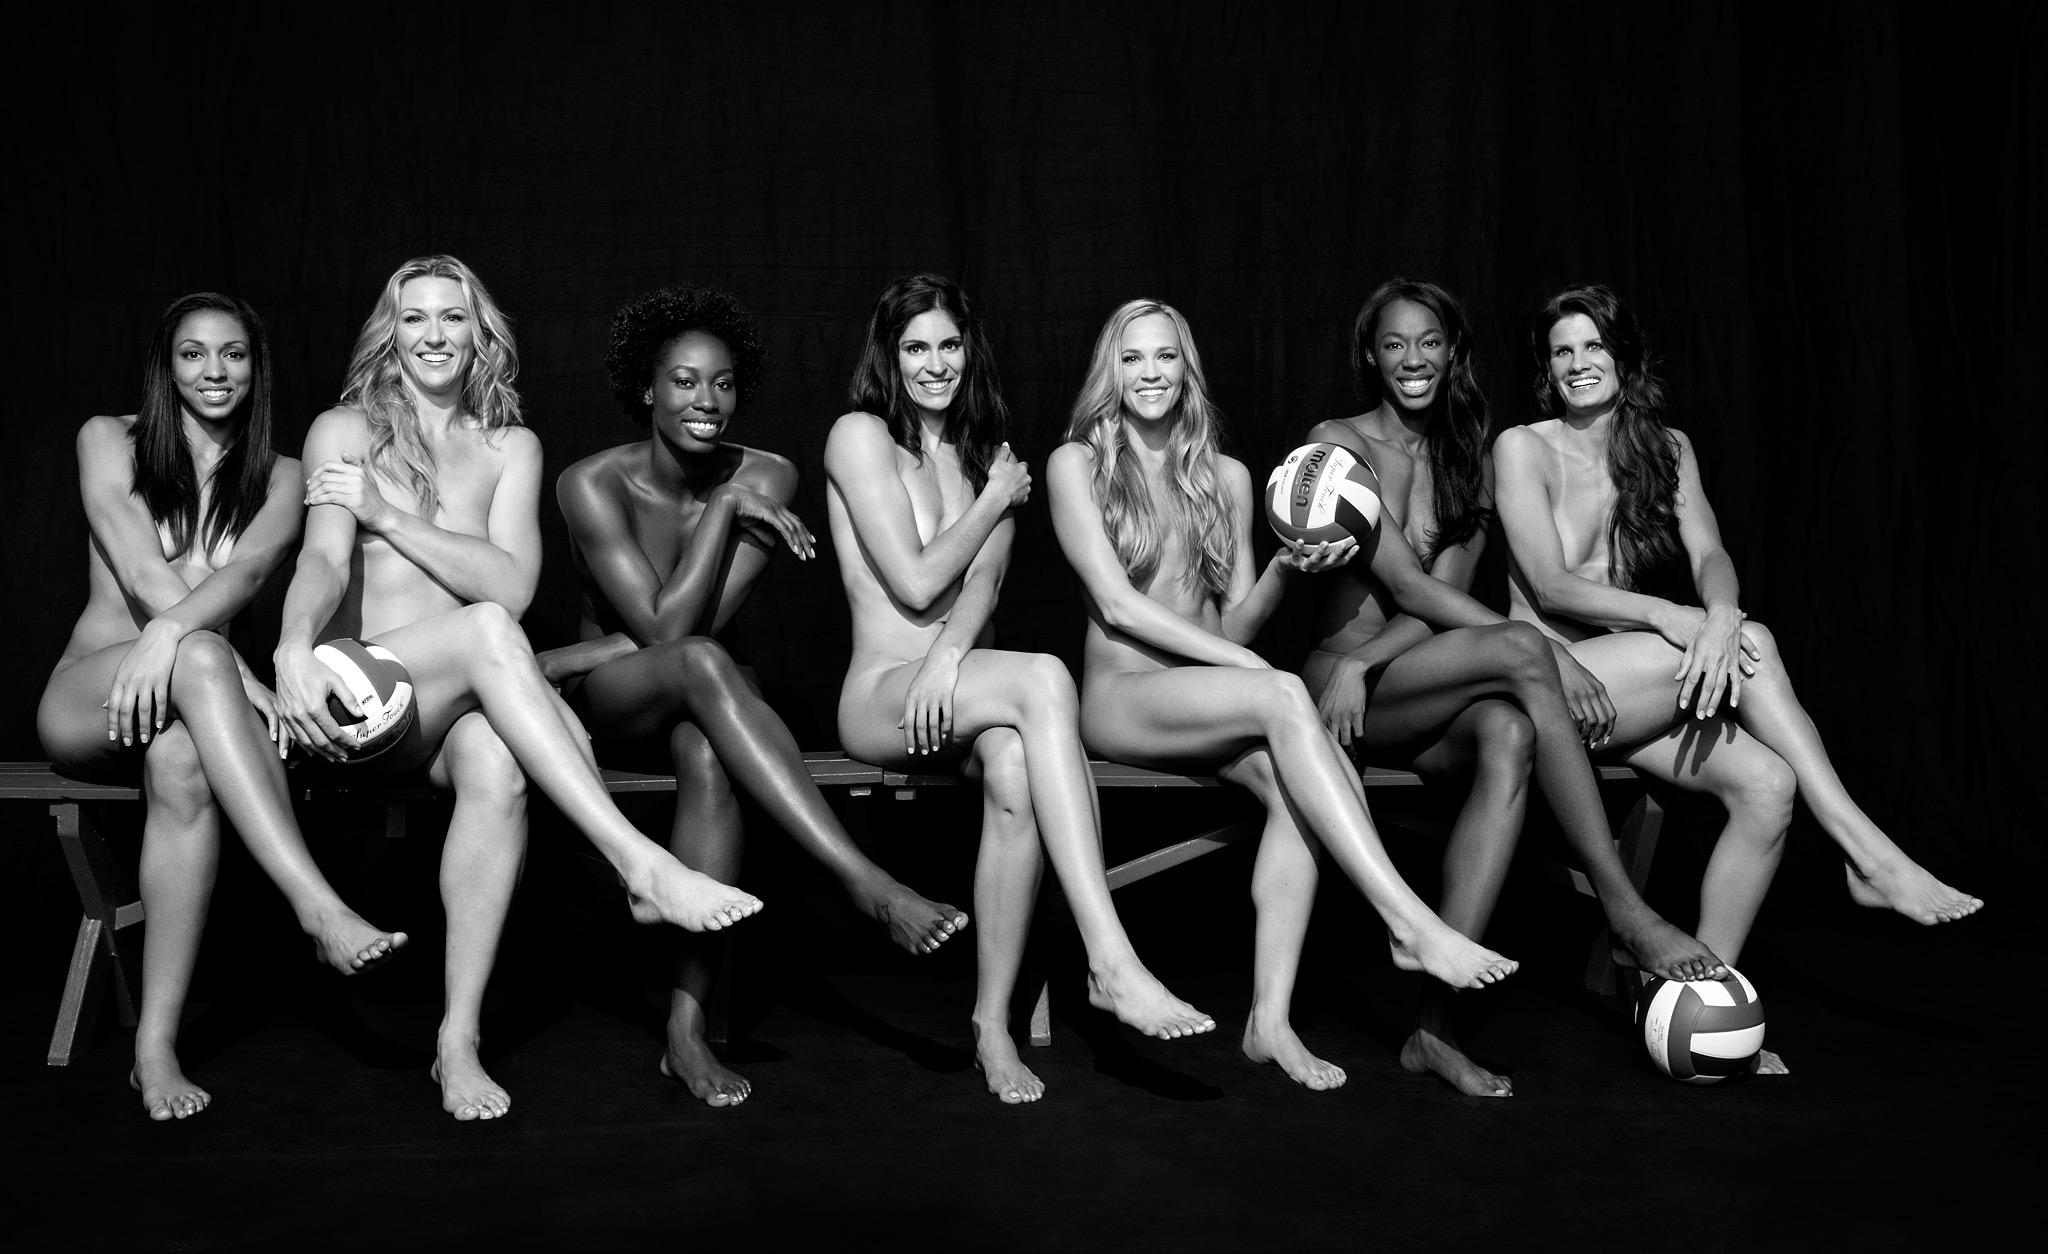 Сексуальные девушки атлеты 8 фотография